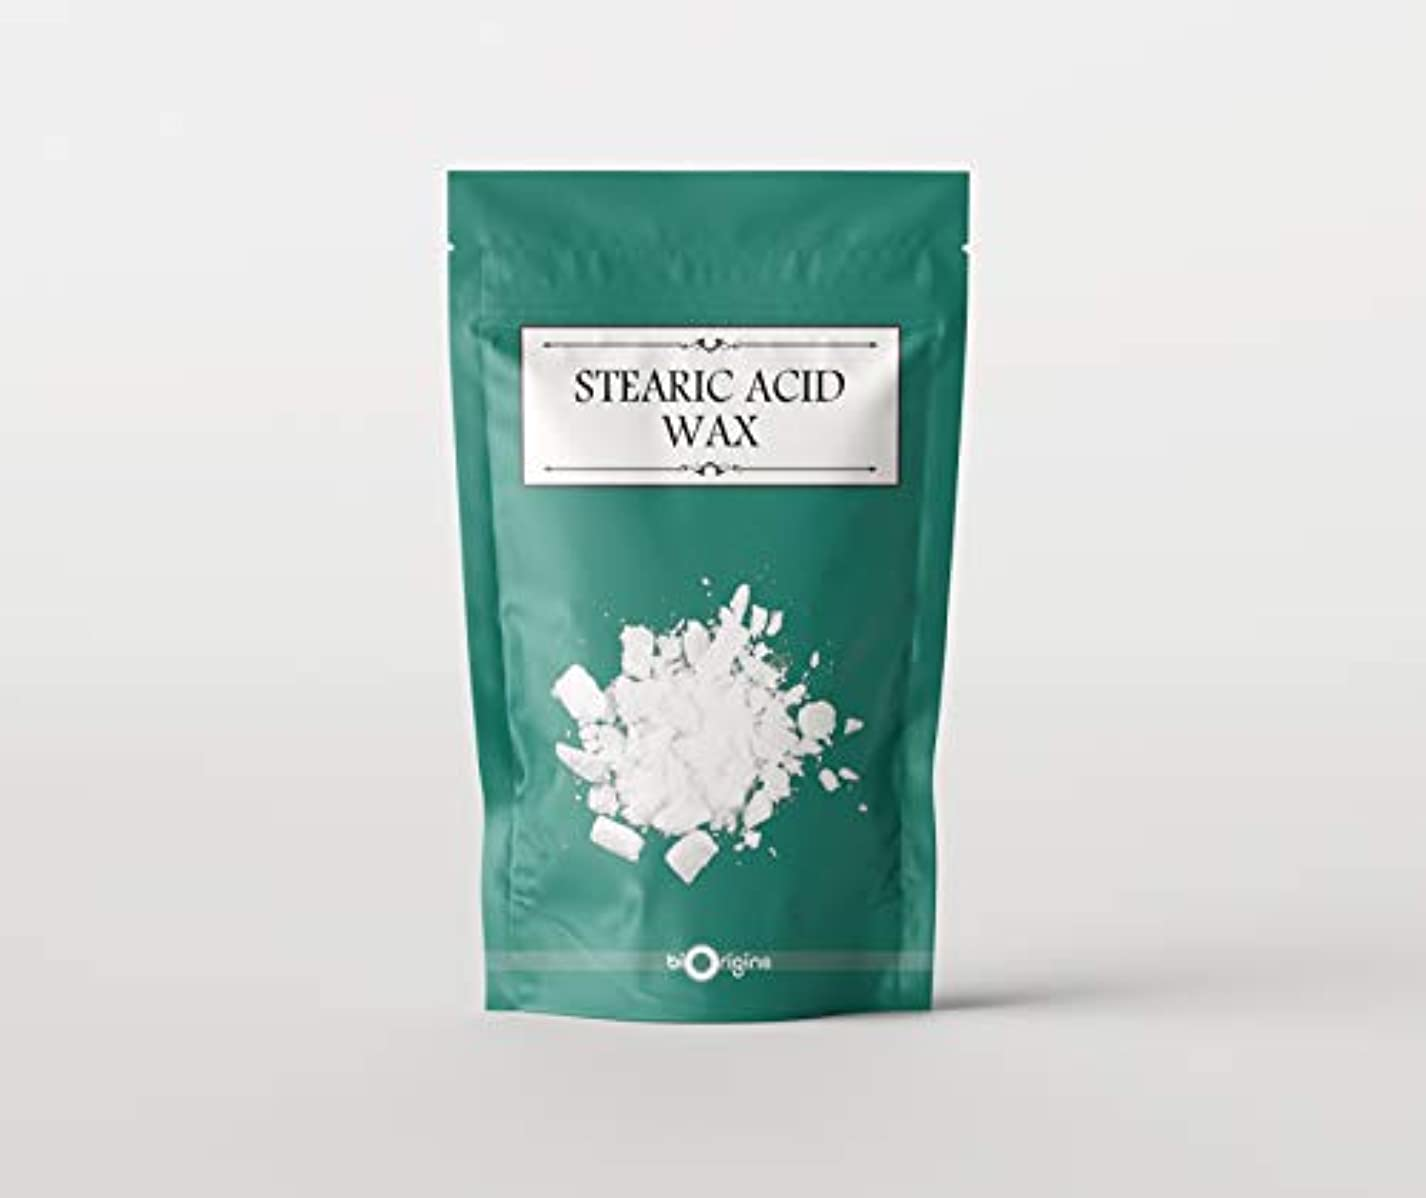 考えた売り手方程式Stearic Acid Wax 500g